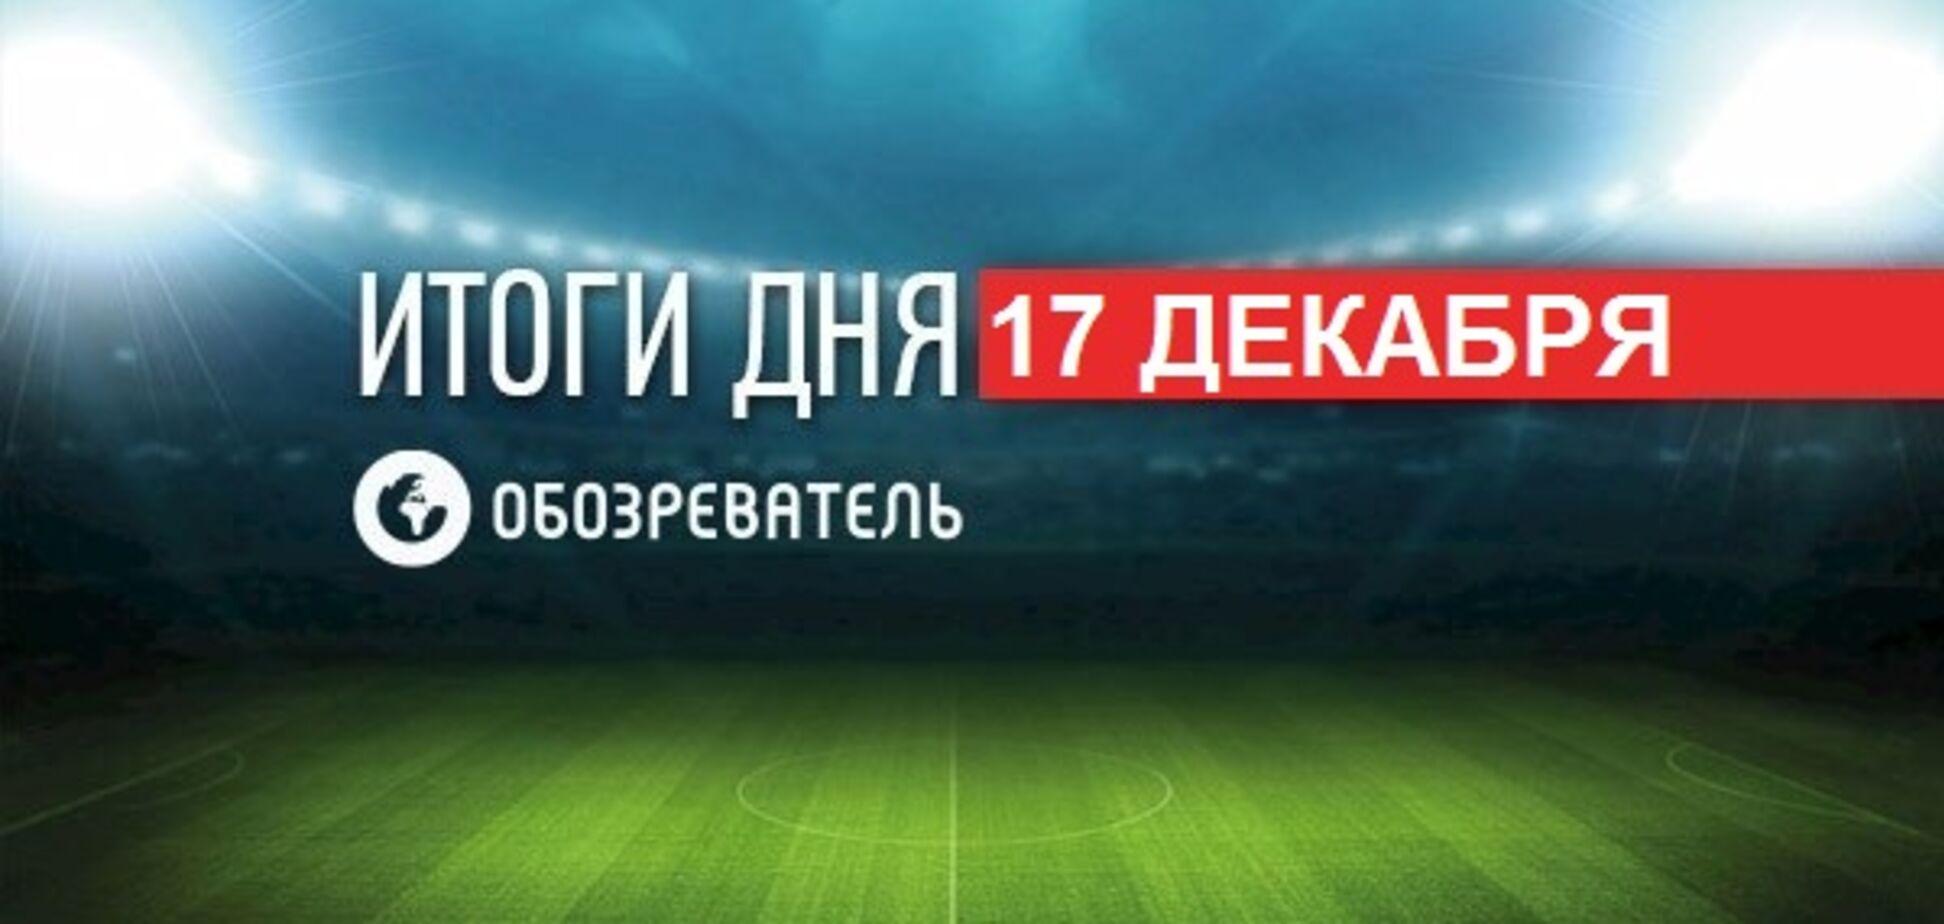 МОК запретил символику России на Олимпиаде-2018: спортивные итоги 17 декабря